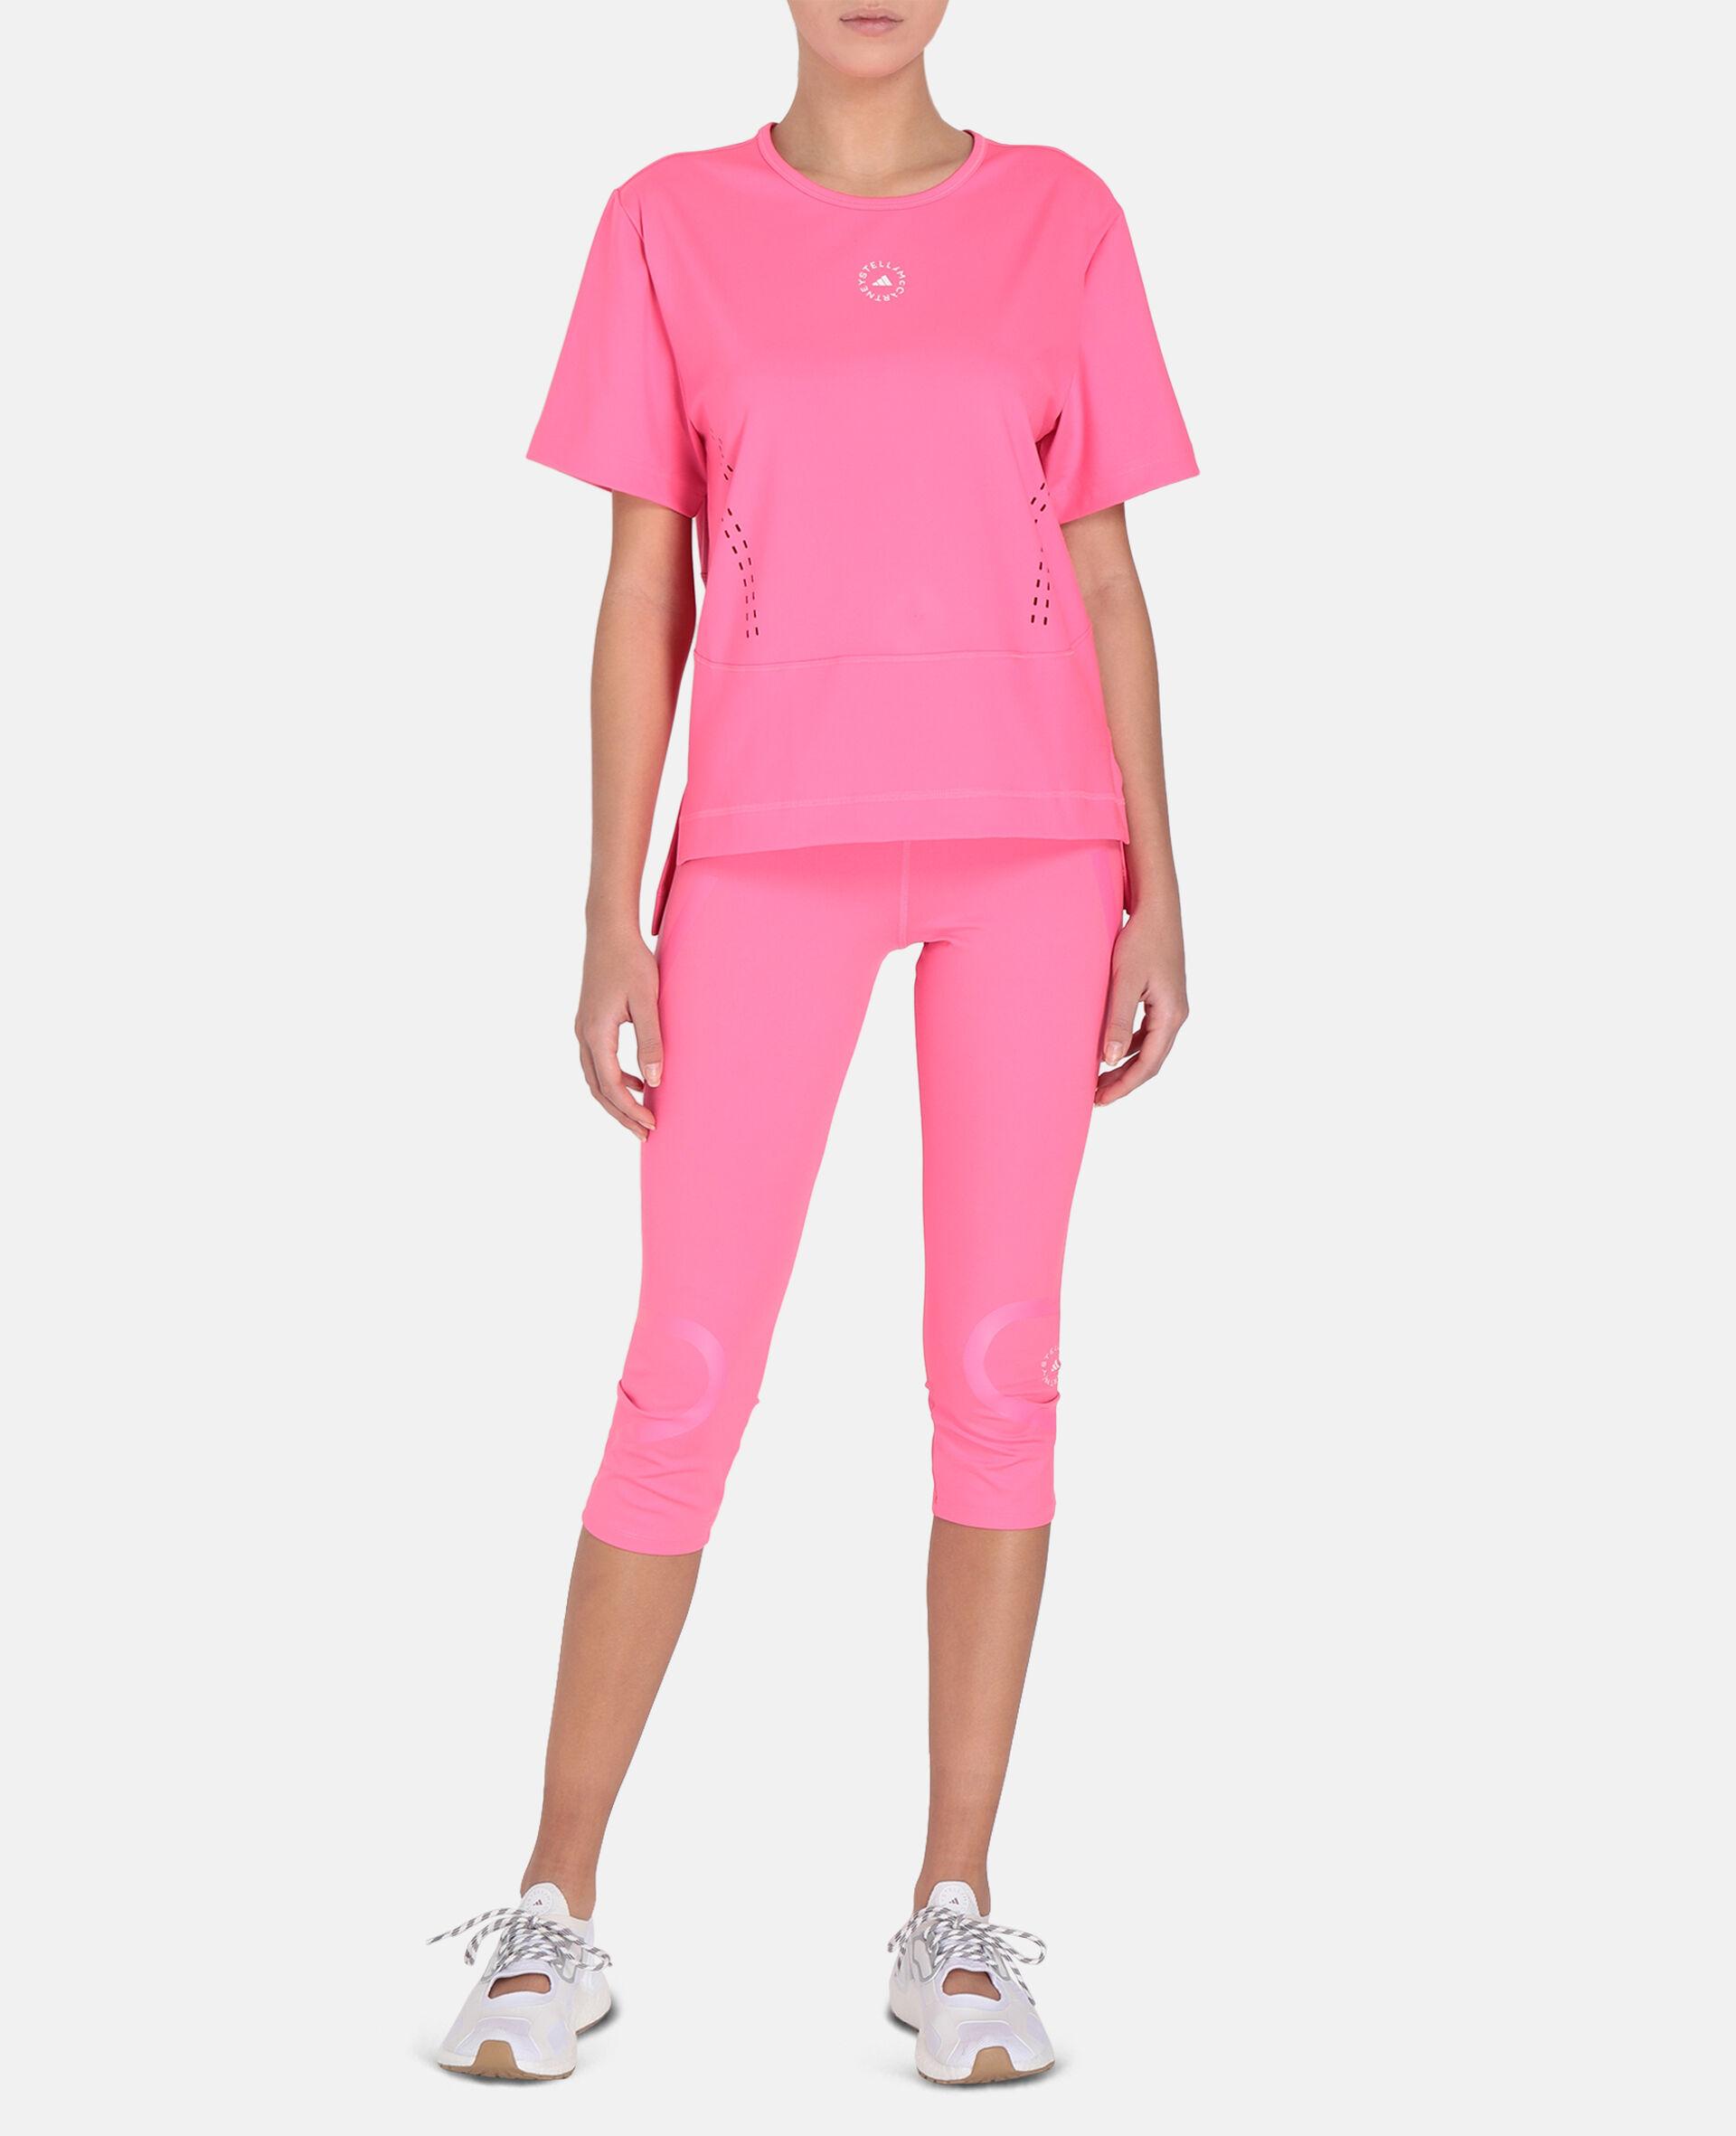 TrueStrength Lockeres T-Shirt-Rose-large image number 1